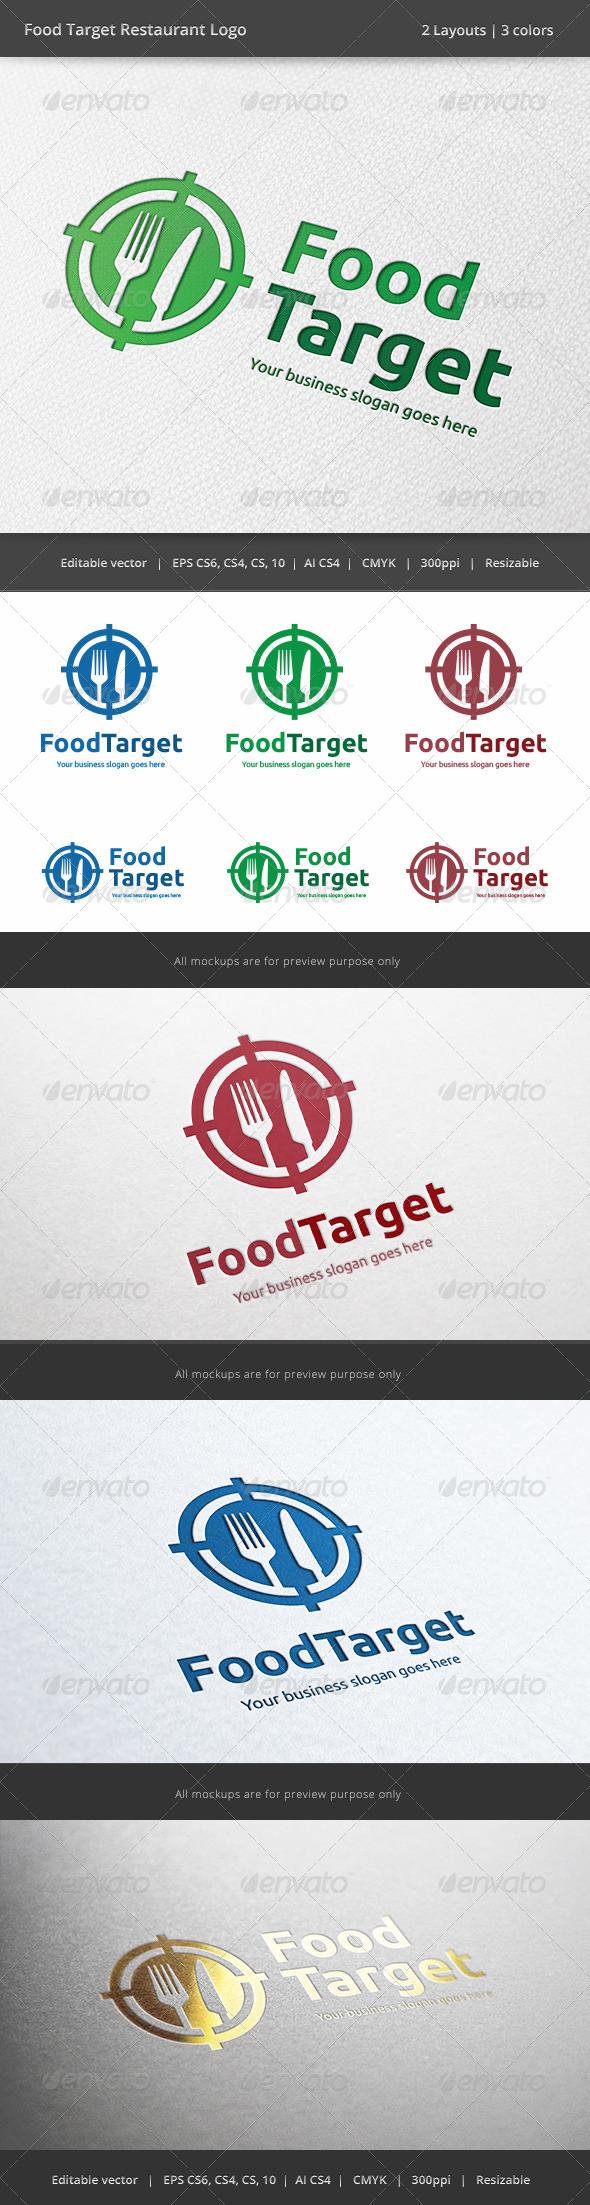 GraphicRiver Food Target Restaurant Logo 6269618